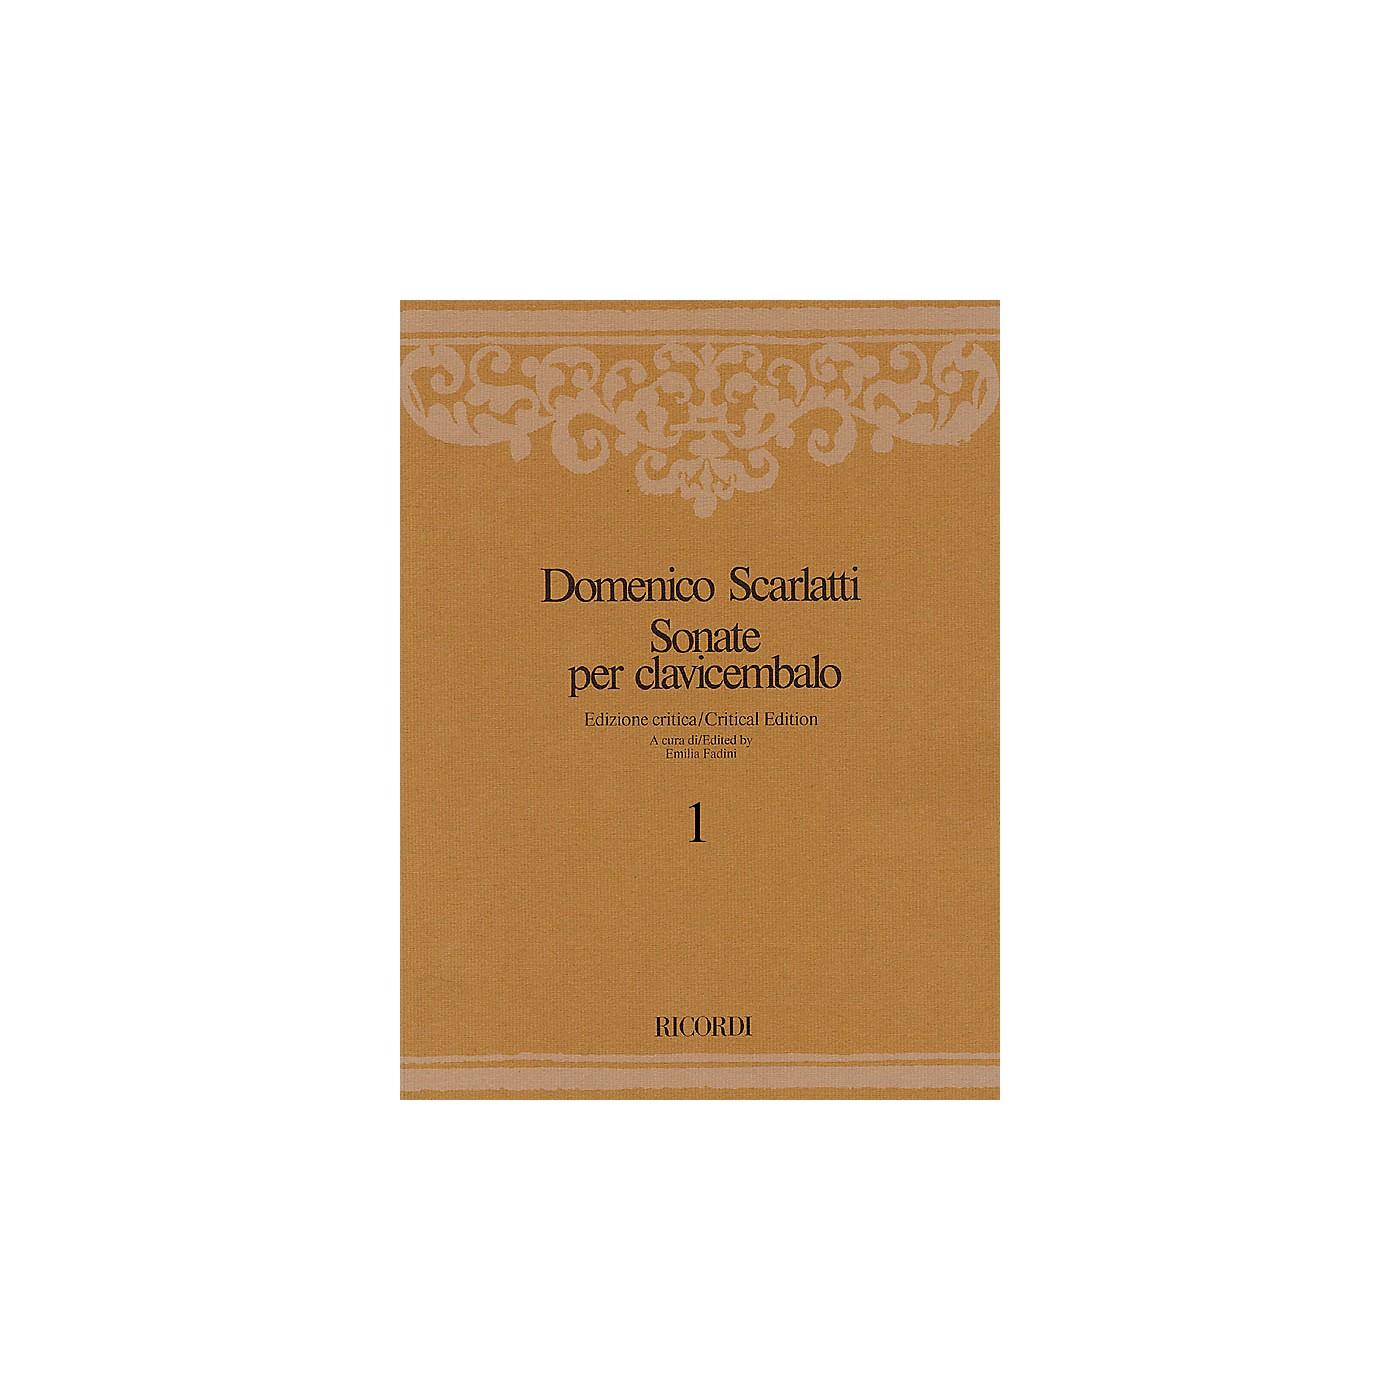 Ricordi Sonate per Clavicembalo Volume 8 Critical Edition Piano Collection by Scarlatti Edited by Emilia Fadini thumbnail